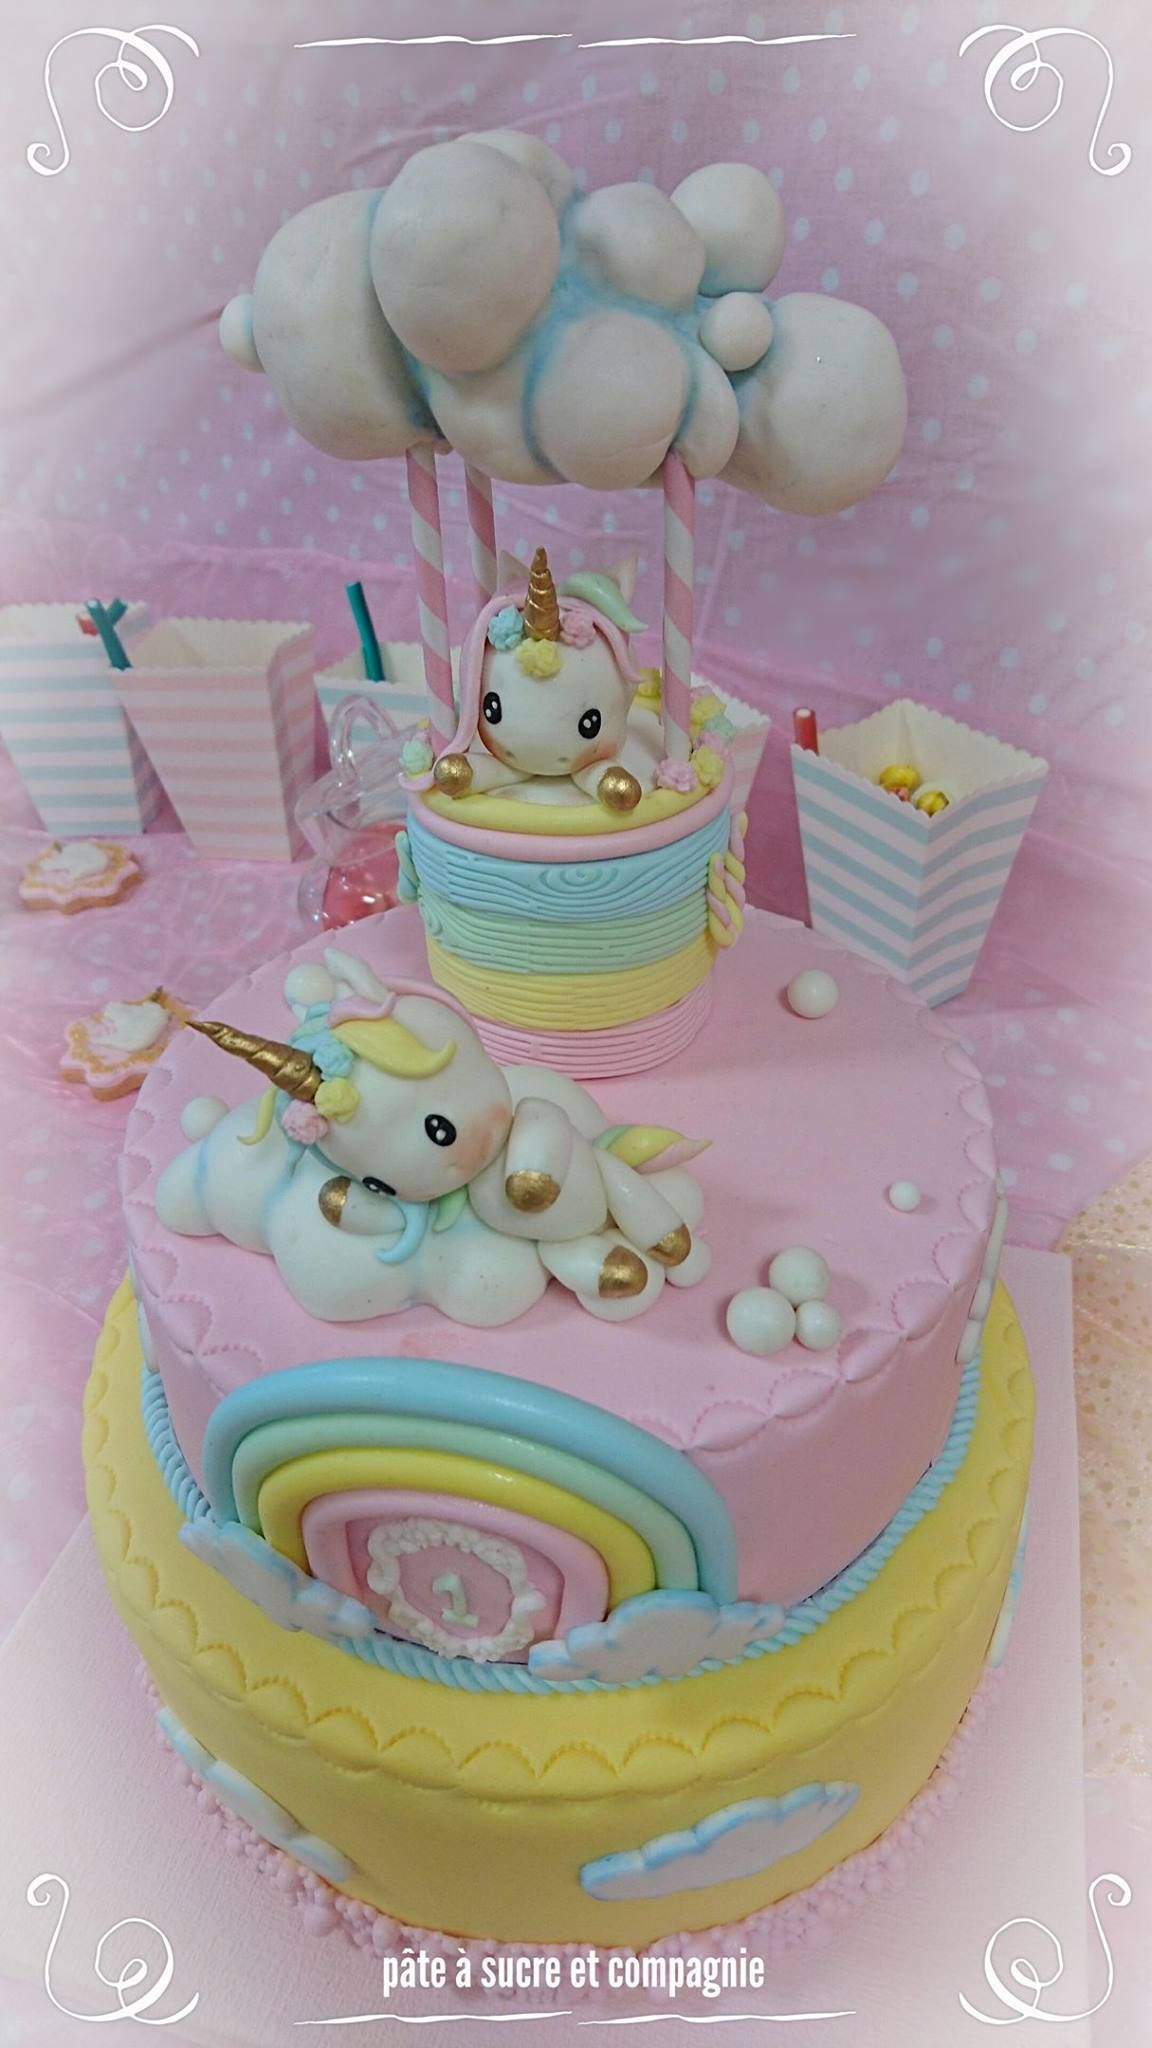 8 comestible glaçage topper Unicorn licorne rond gâteau personnalisé 7.5